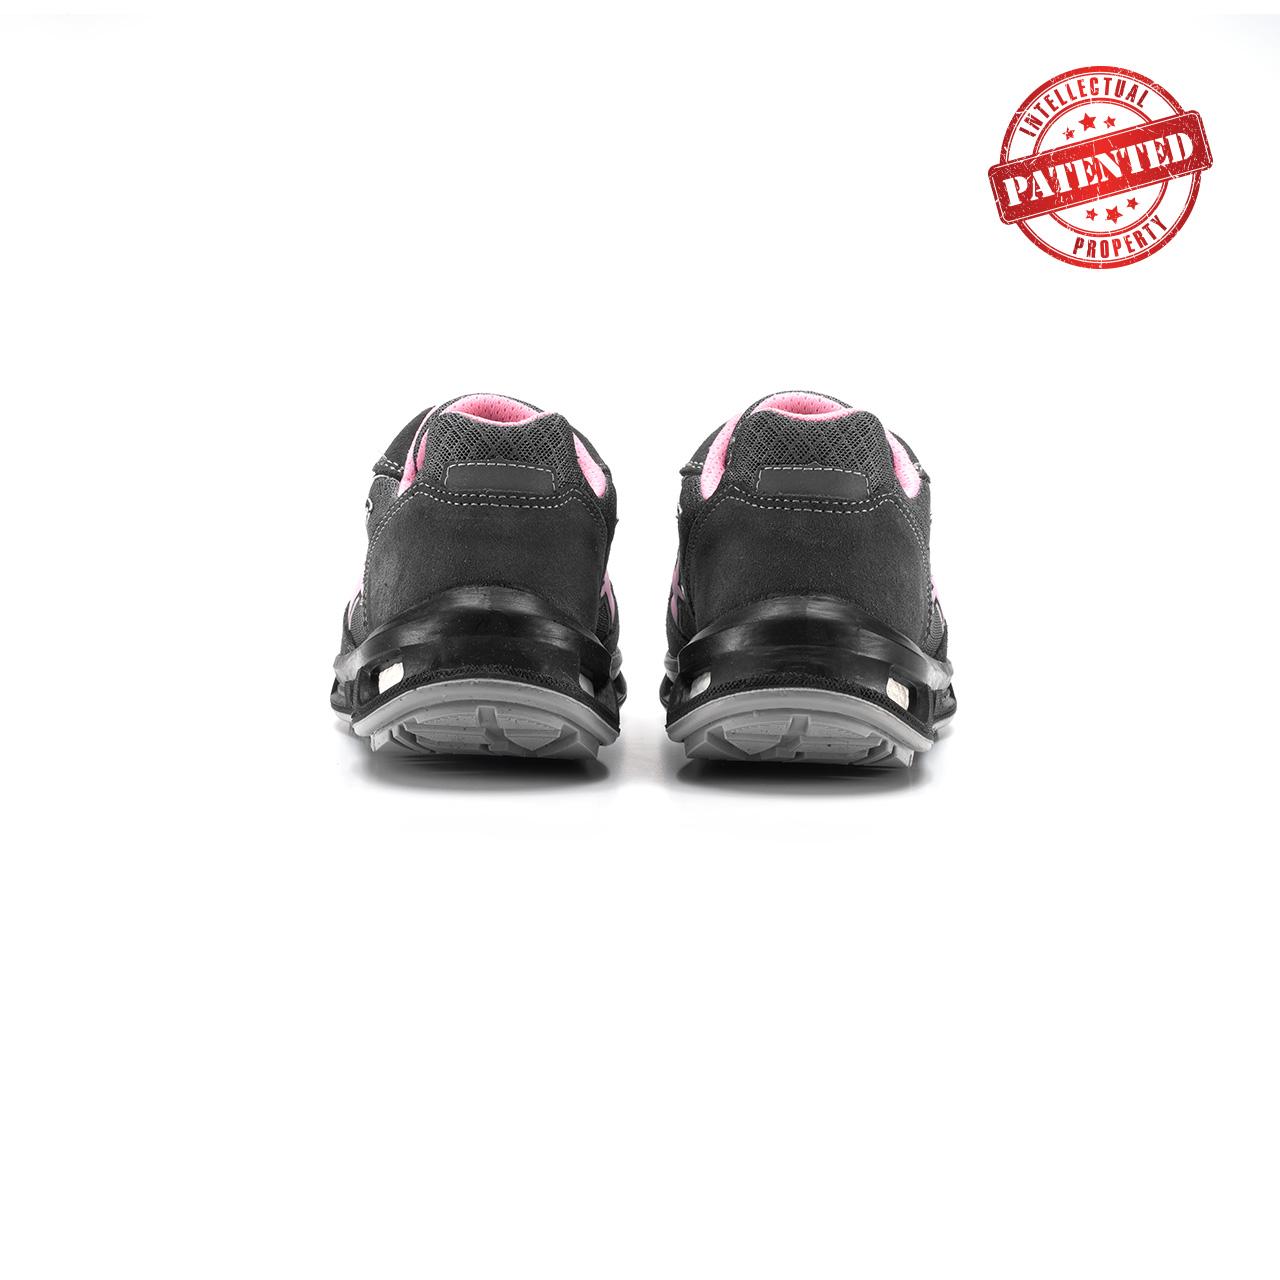 paio di scarpe antinfortunistiche upower modello cherry linea redlion vista retro